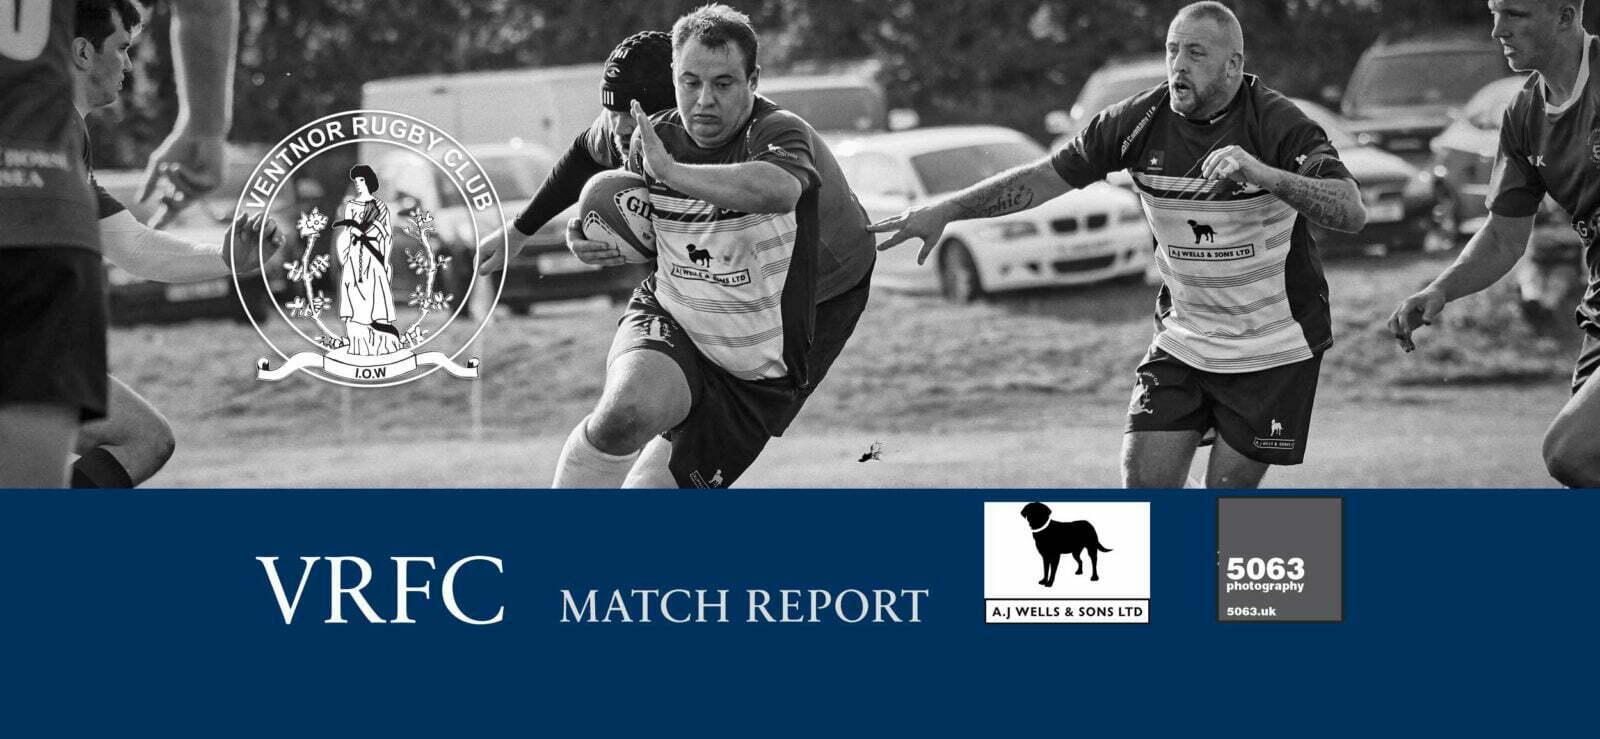 Match-report-Fareham-Heathens-1st-XV-v-Ventnor-1st-XV-21102017-slider-a